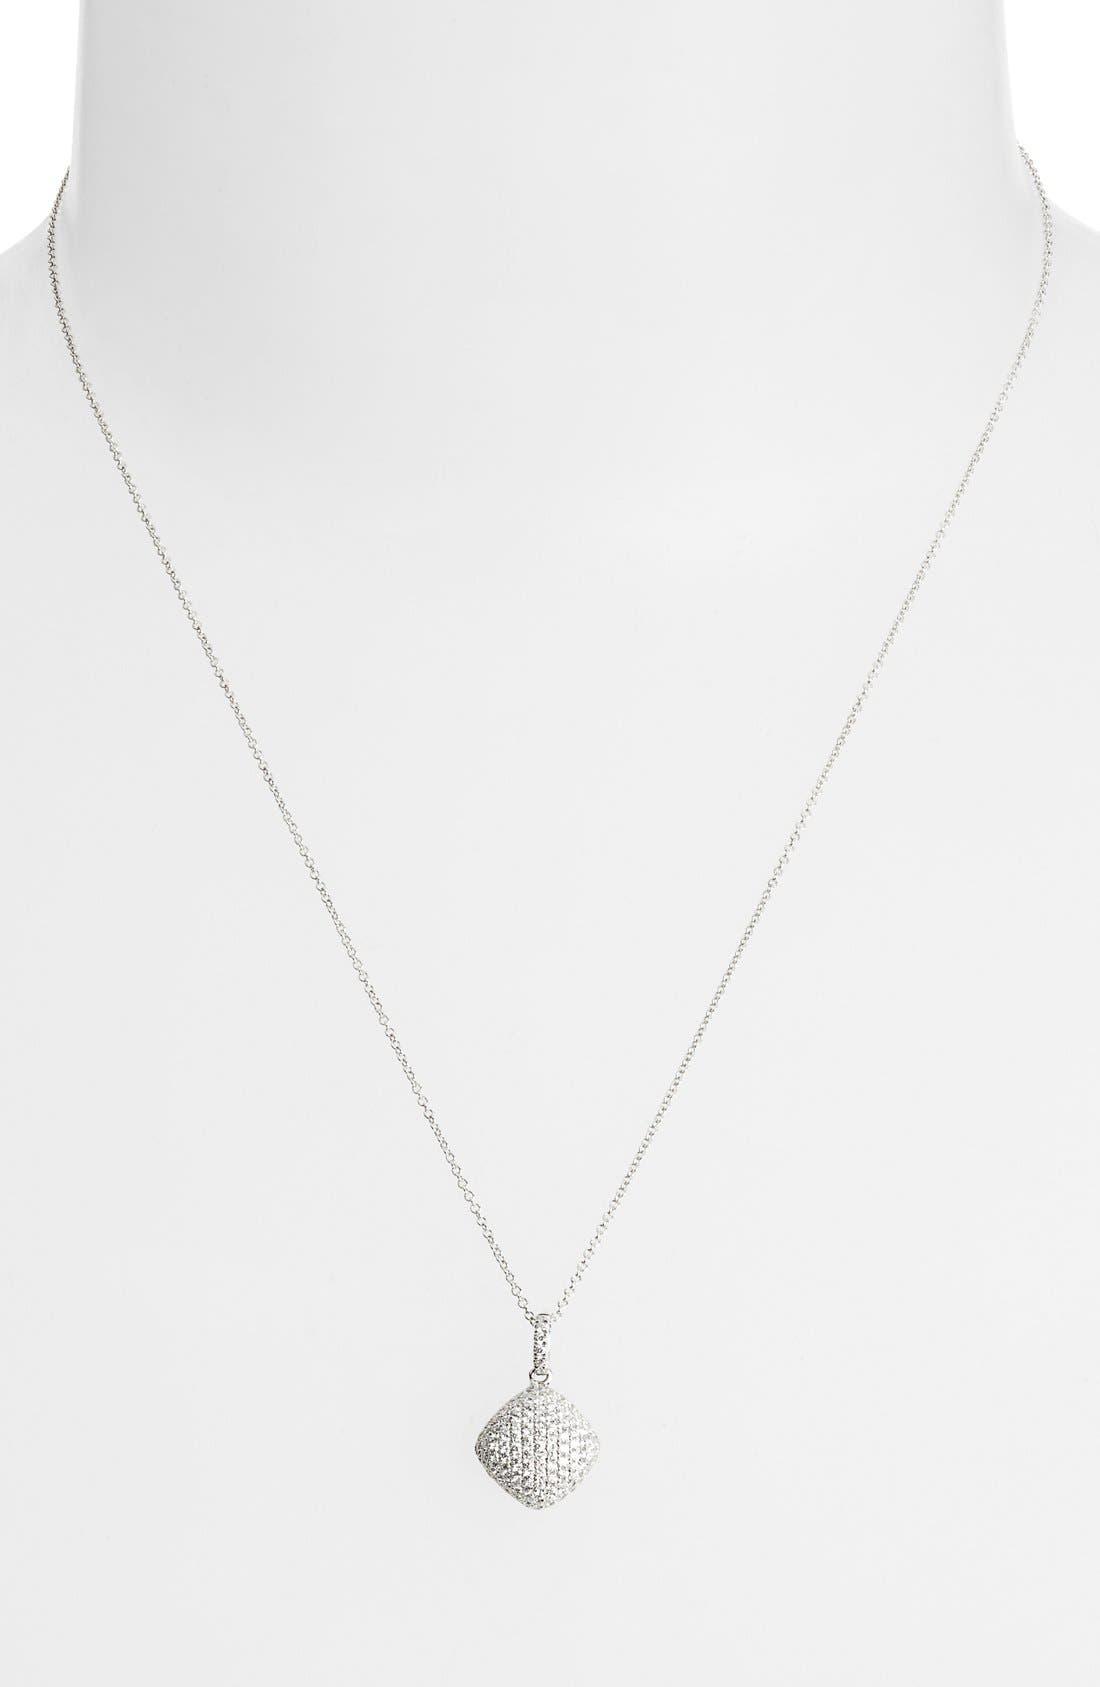 Pavé Diamond Pendant Necklace,                             Main thumbnail 1, color,                             White Gold